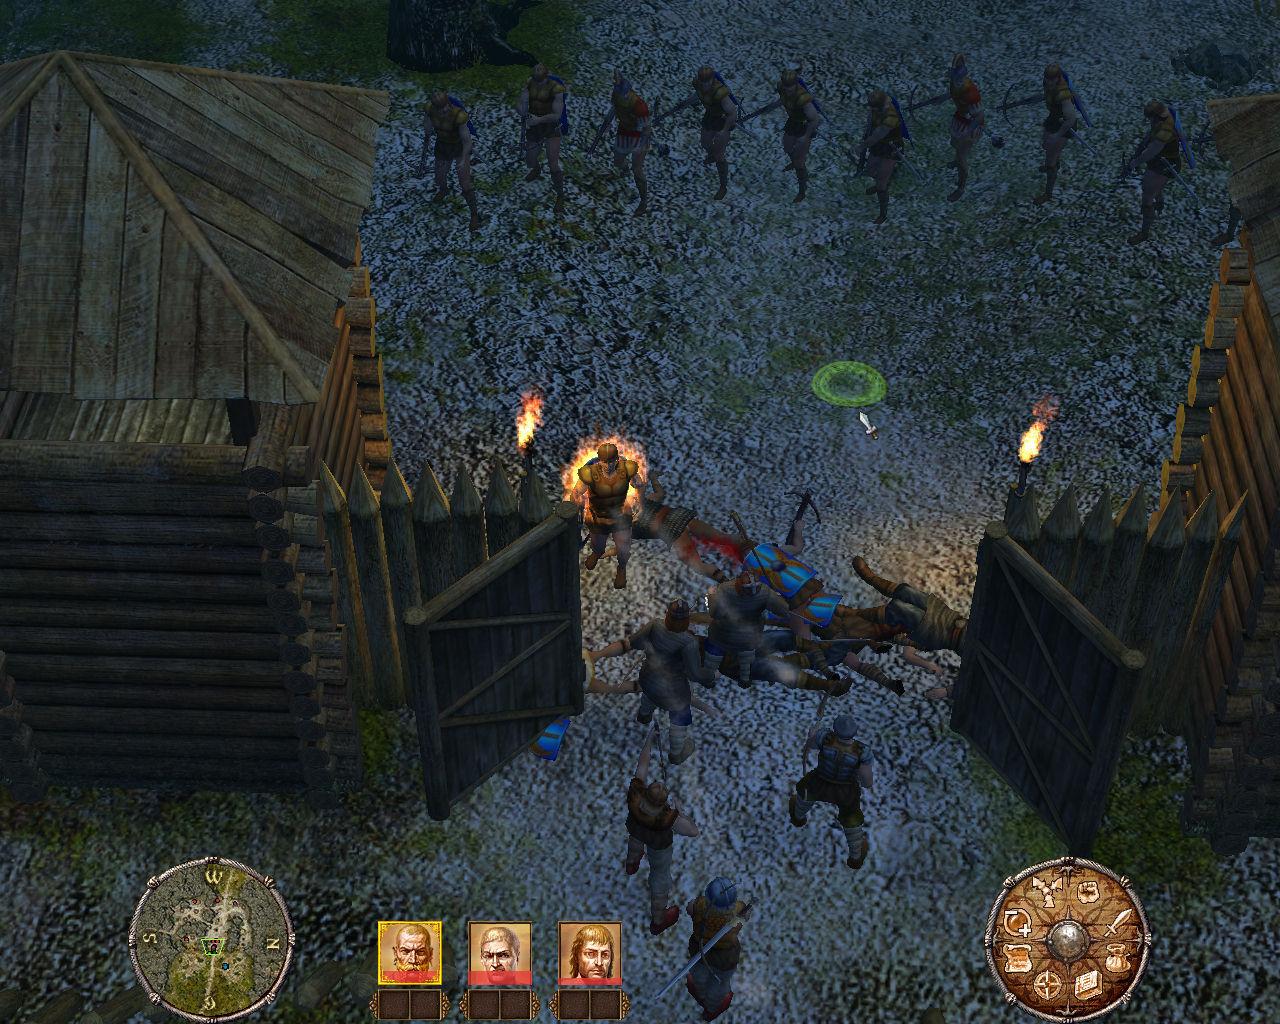 компьютерная игра средневековье